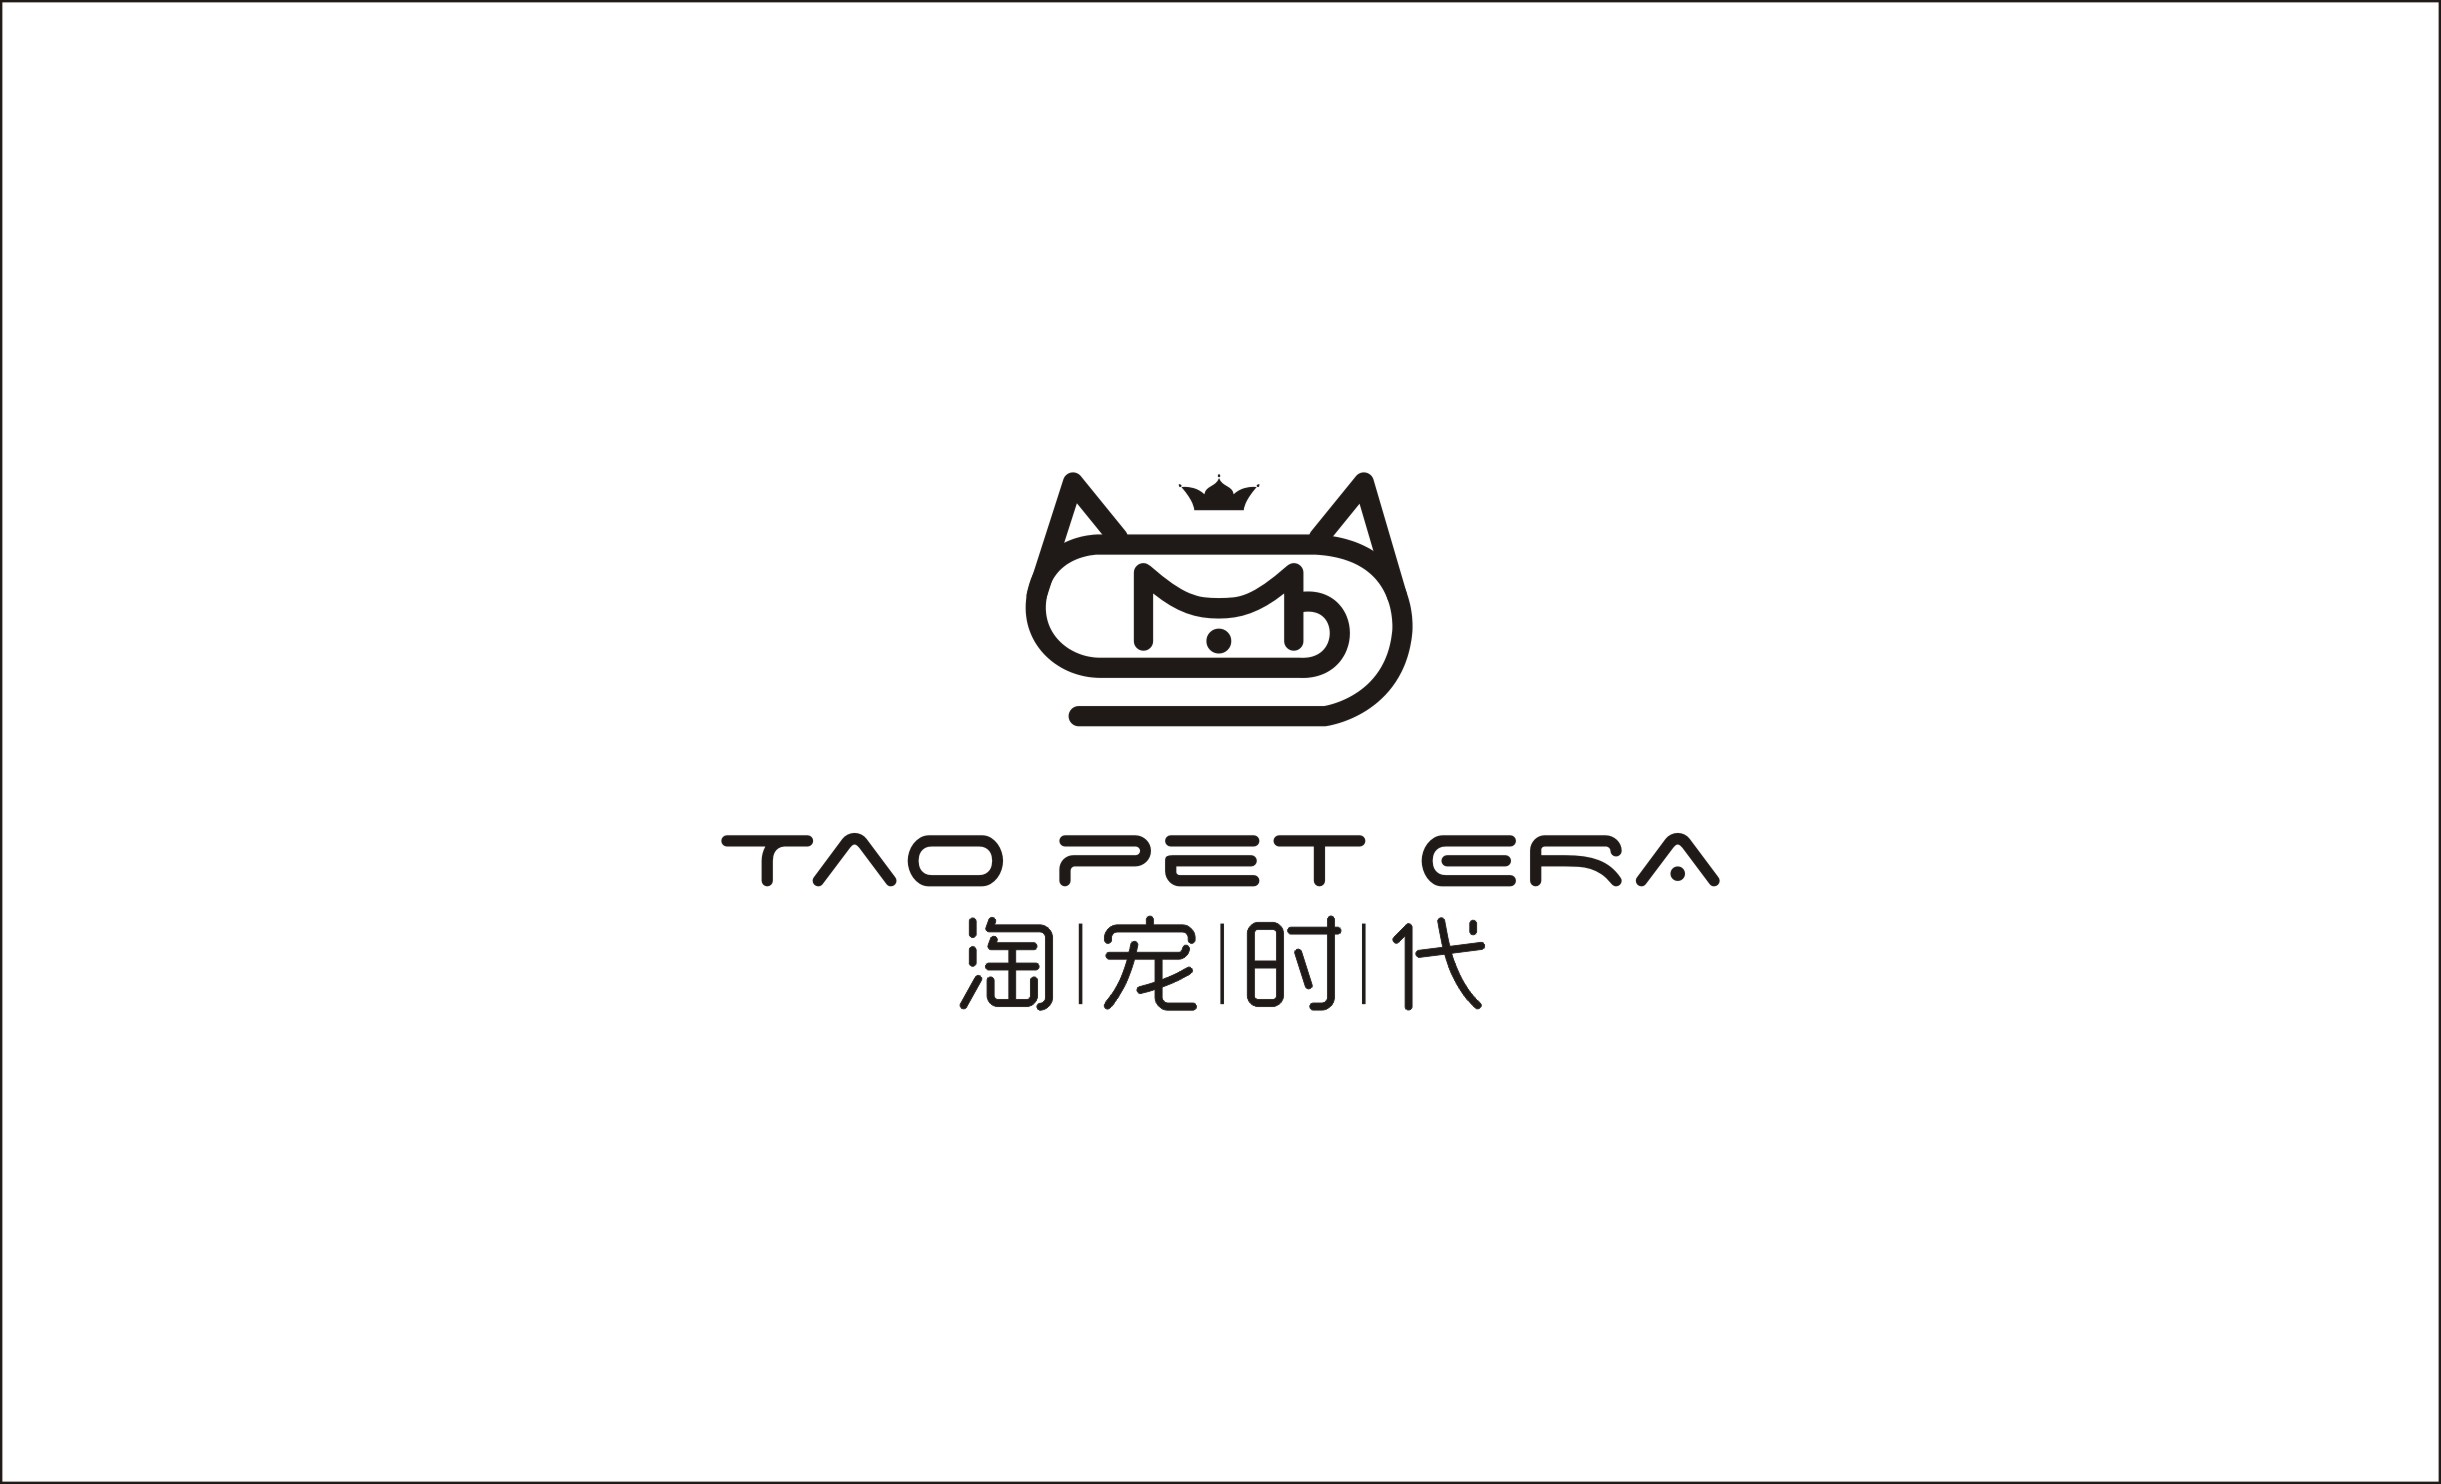 江苏淘宠科技有限公司